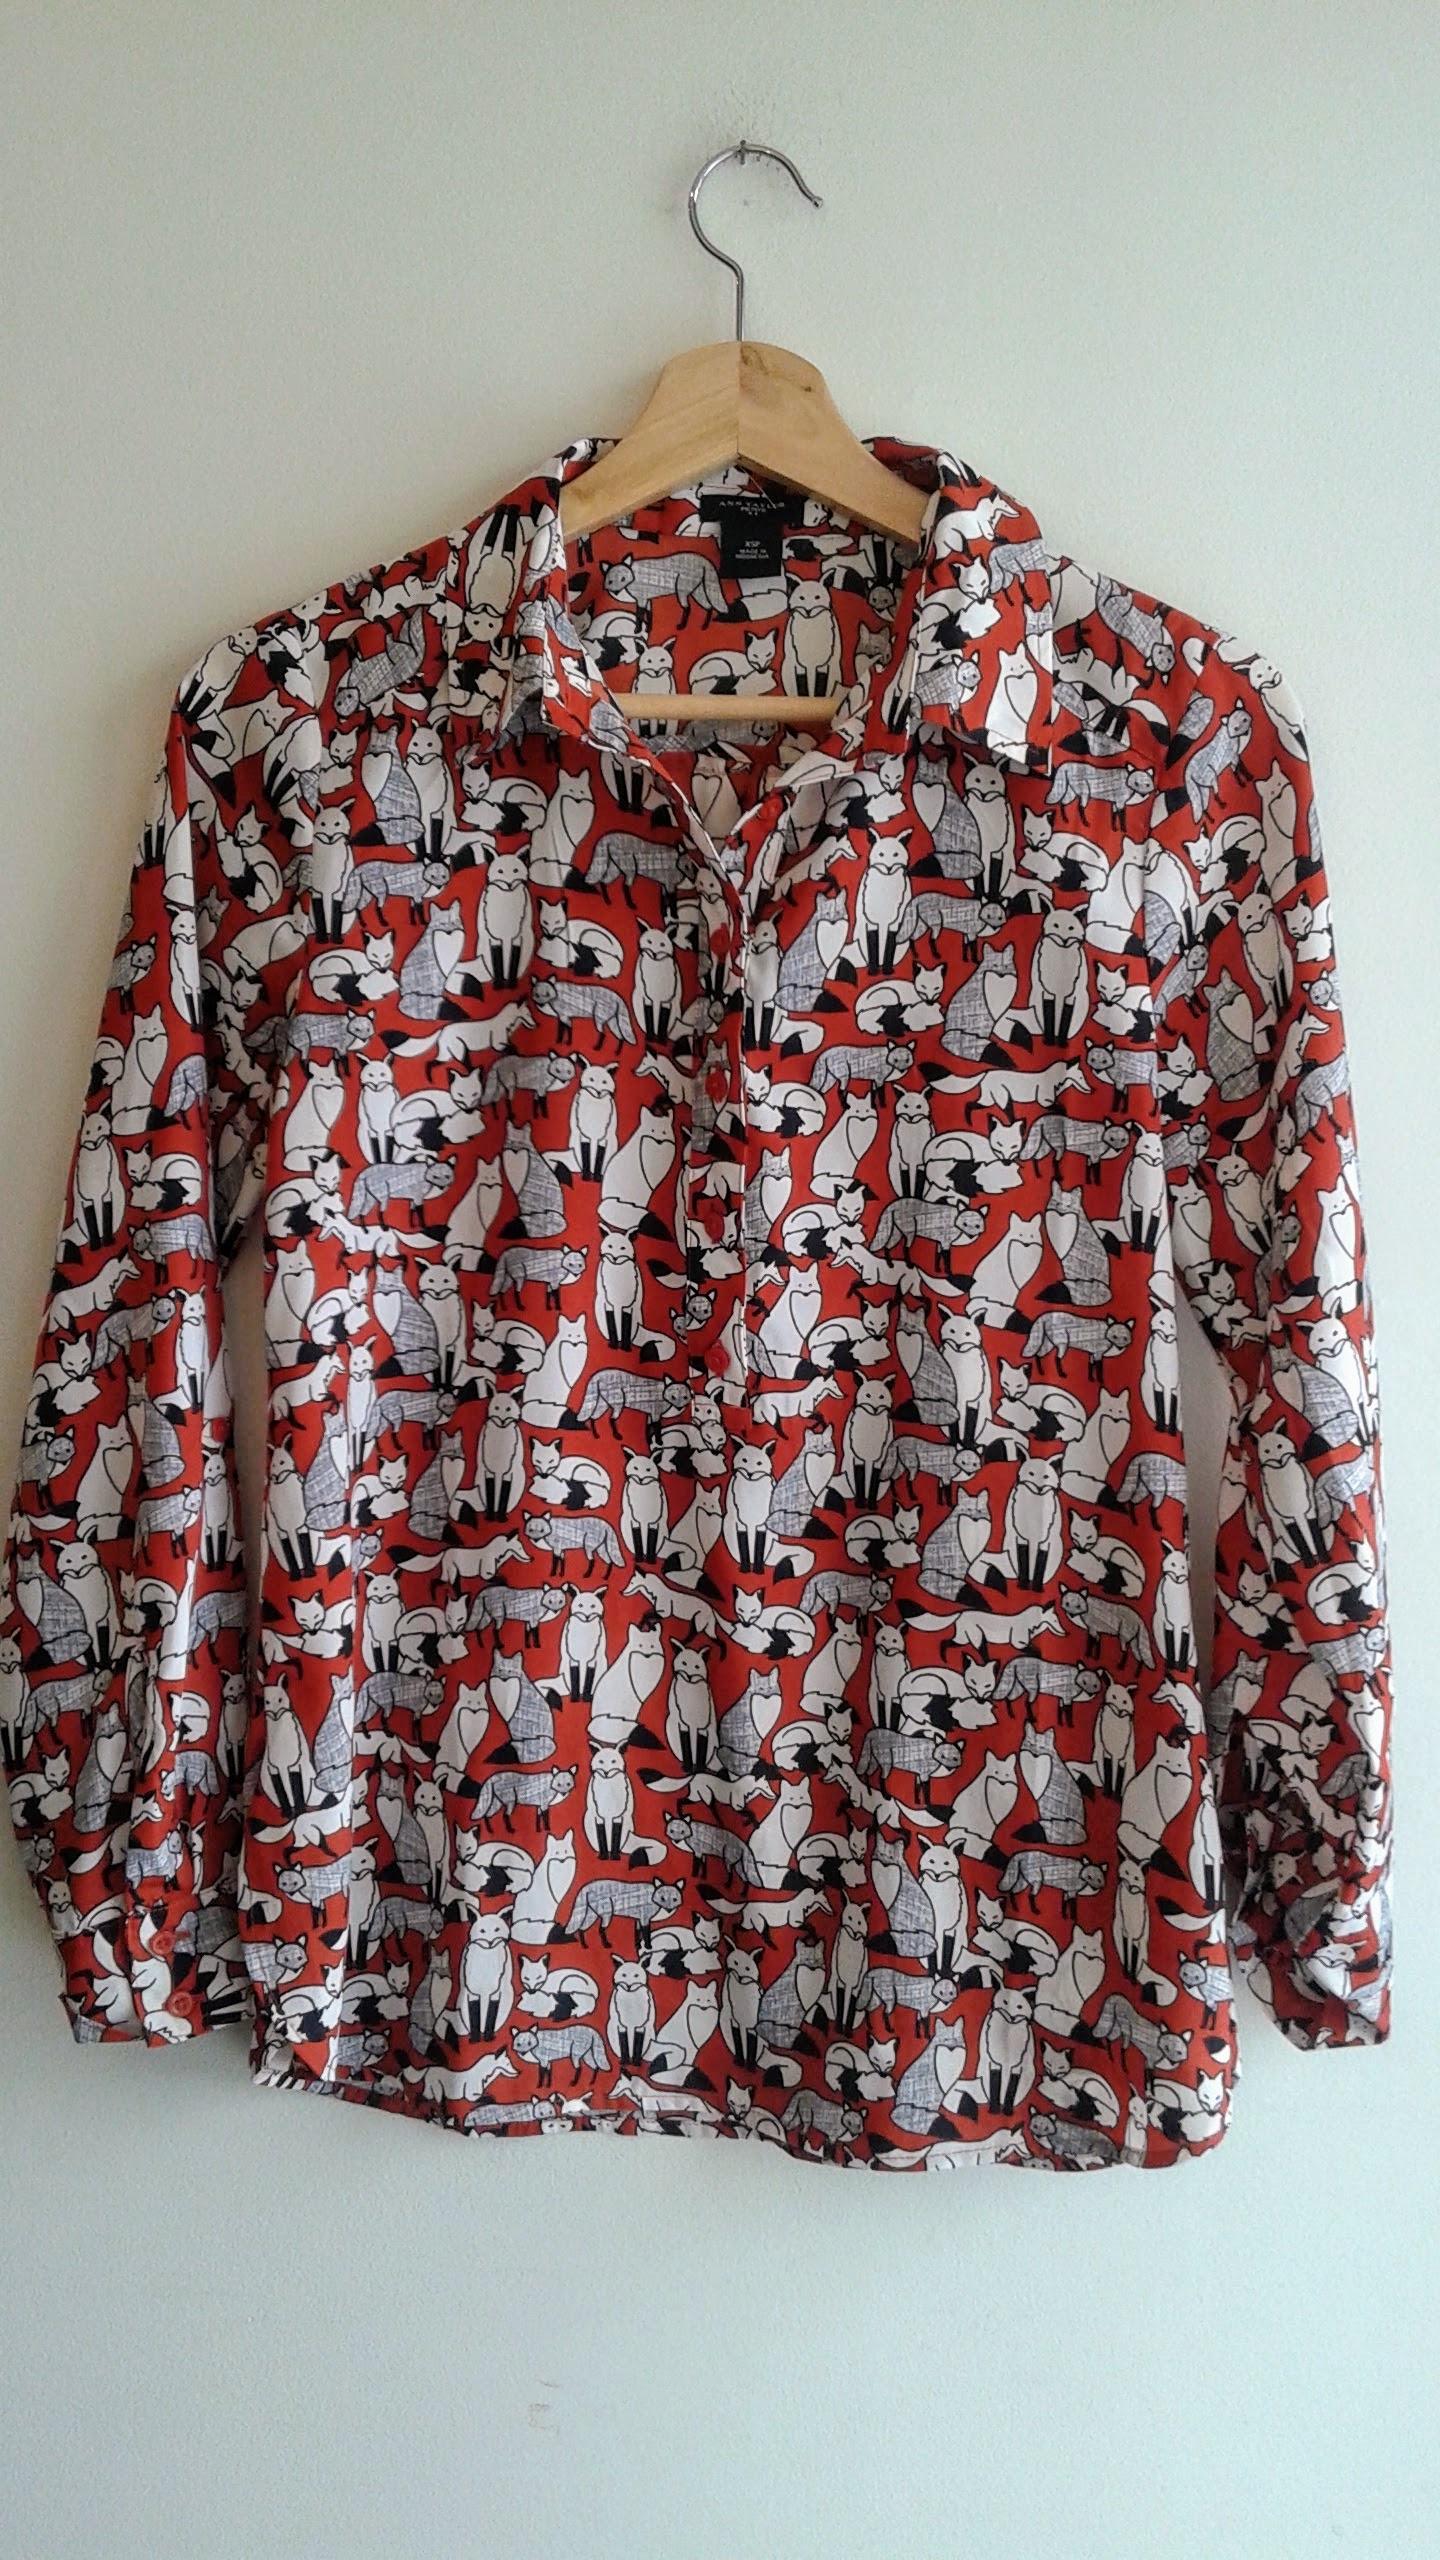 Ann Taylor  top; Size XS, $26